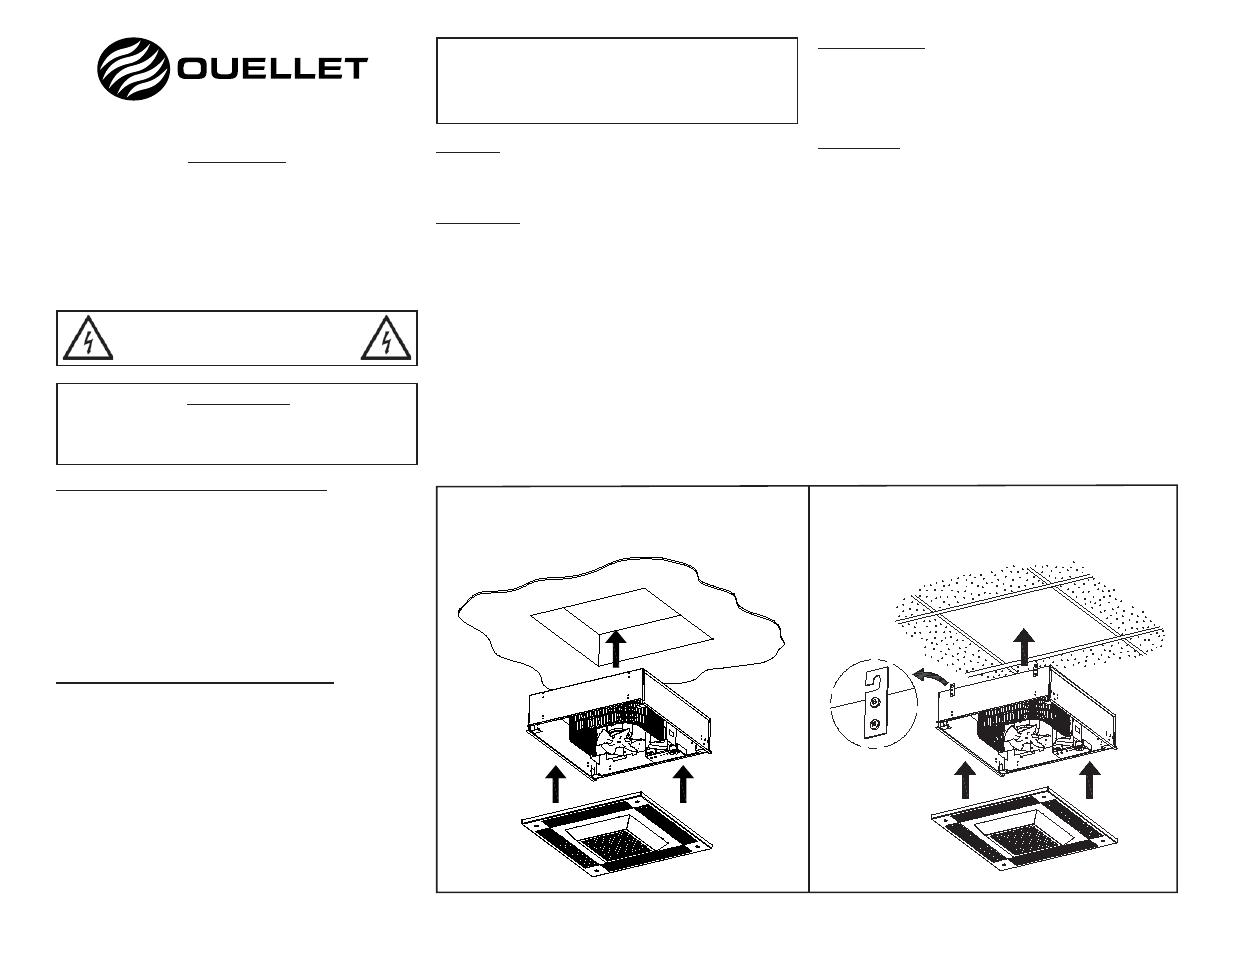 Ouellet Ods User Manual